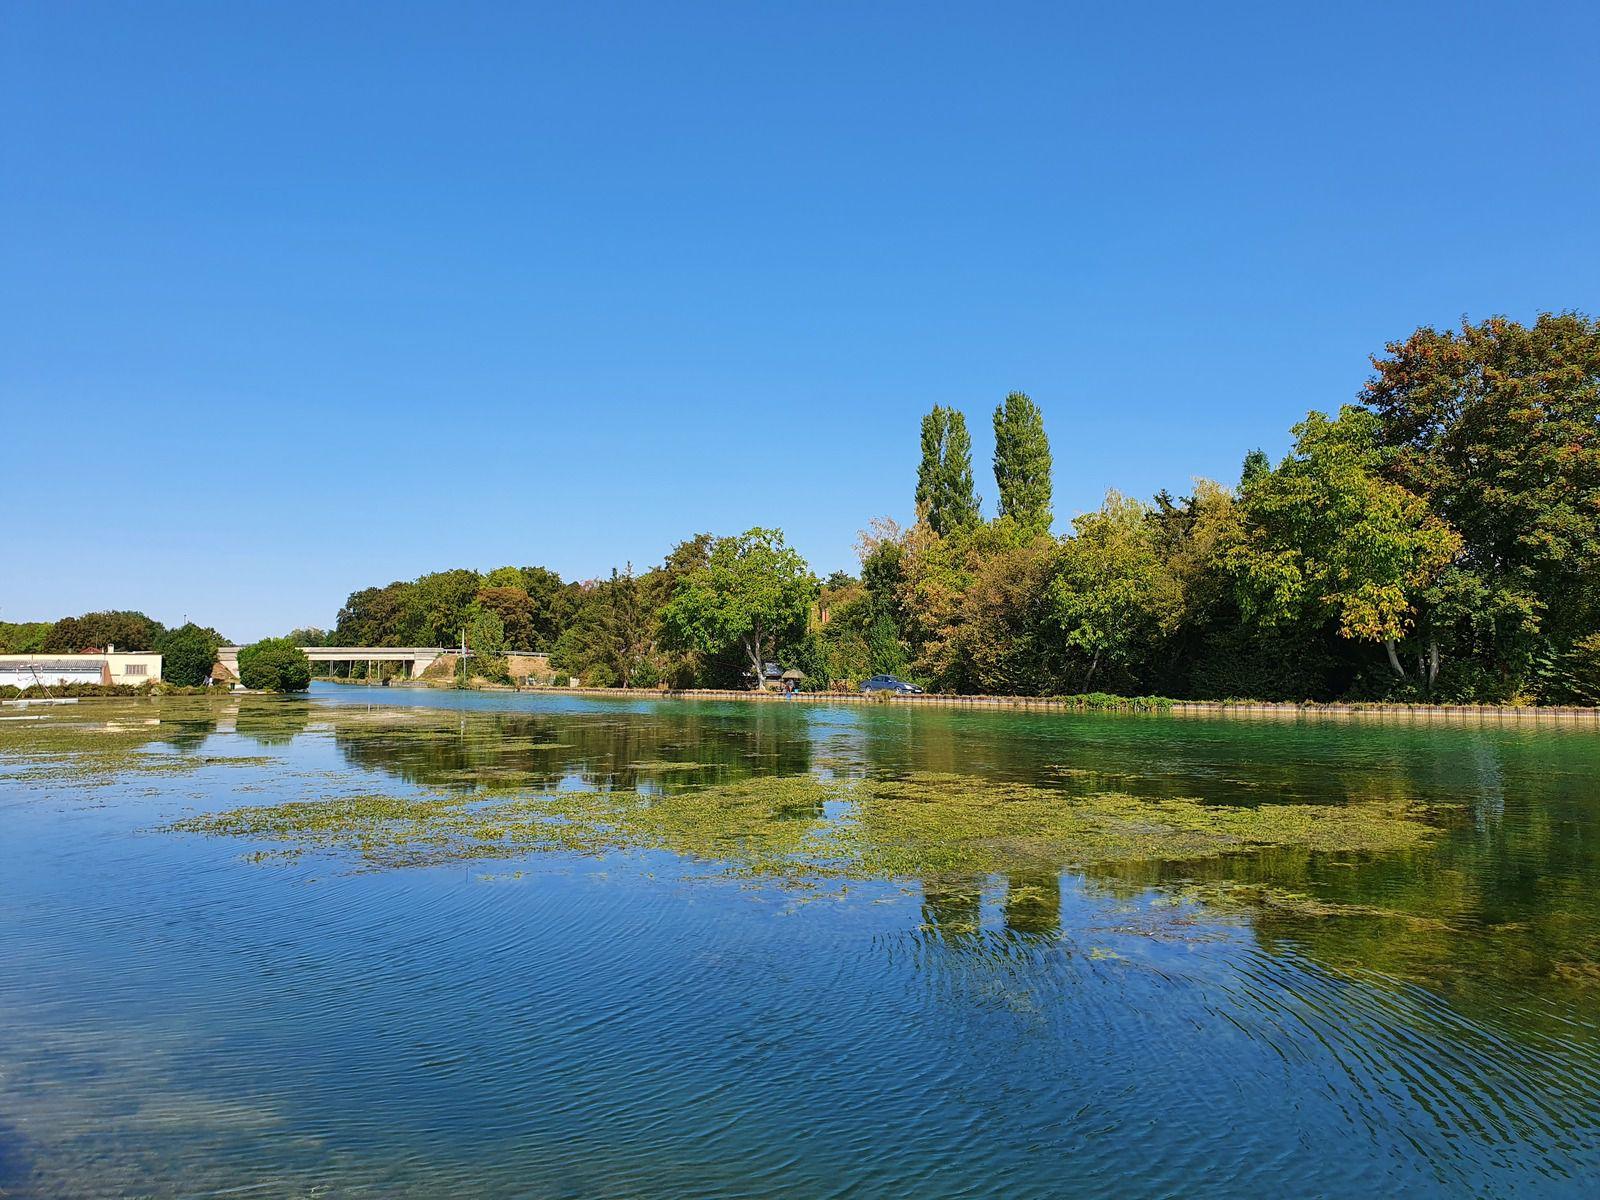 17 septembre 2020 - La Via Francigena de Reims à Verzy